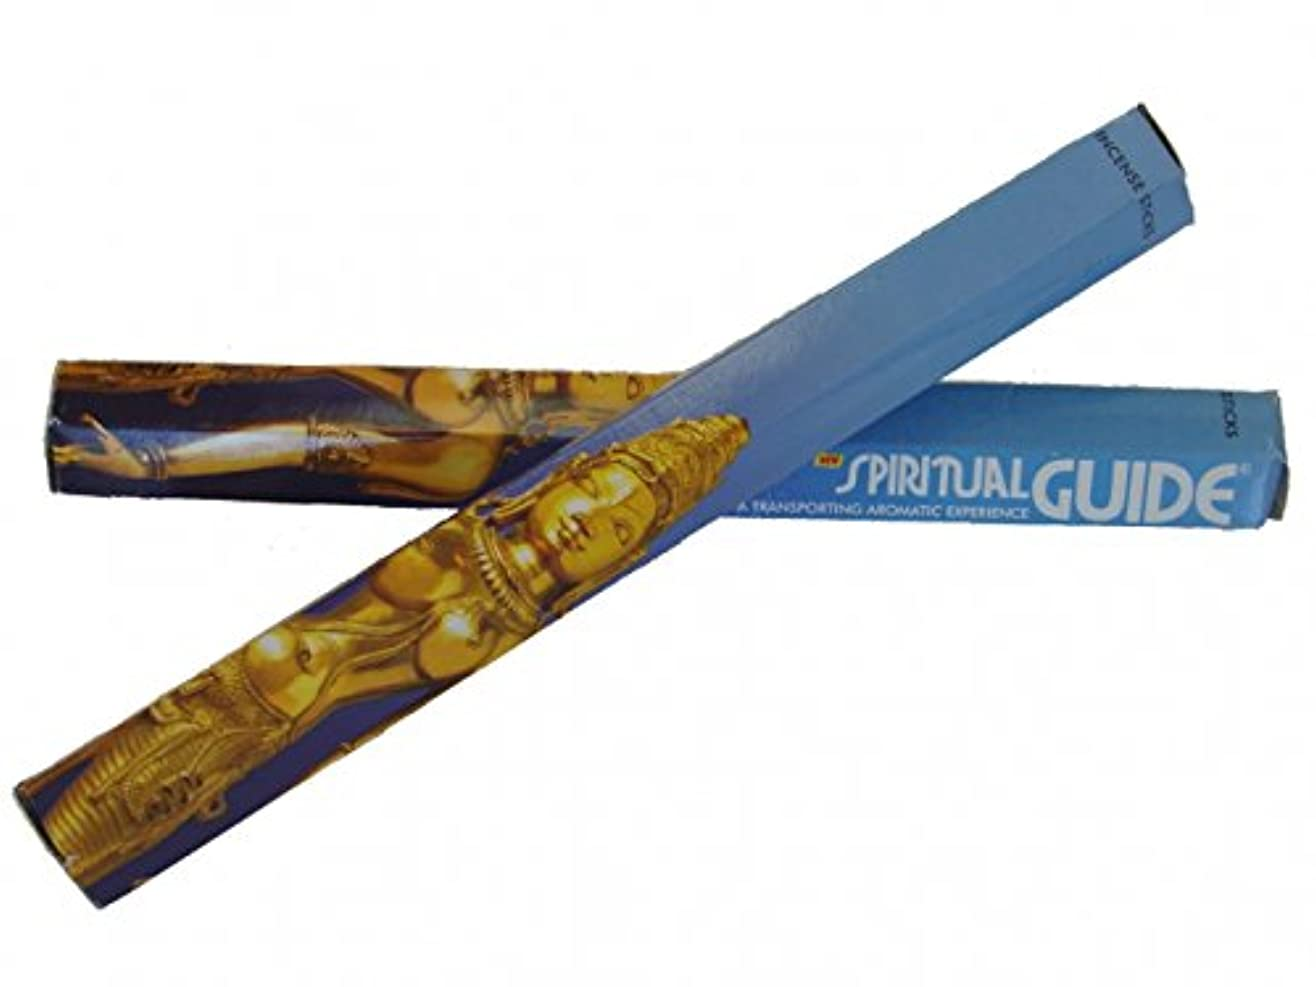 知覚できる型寝具2 Boxes of Spiritual Guide Incense Sticks